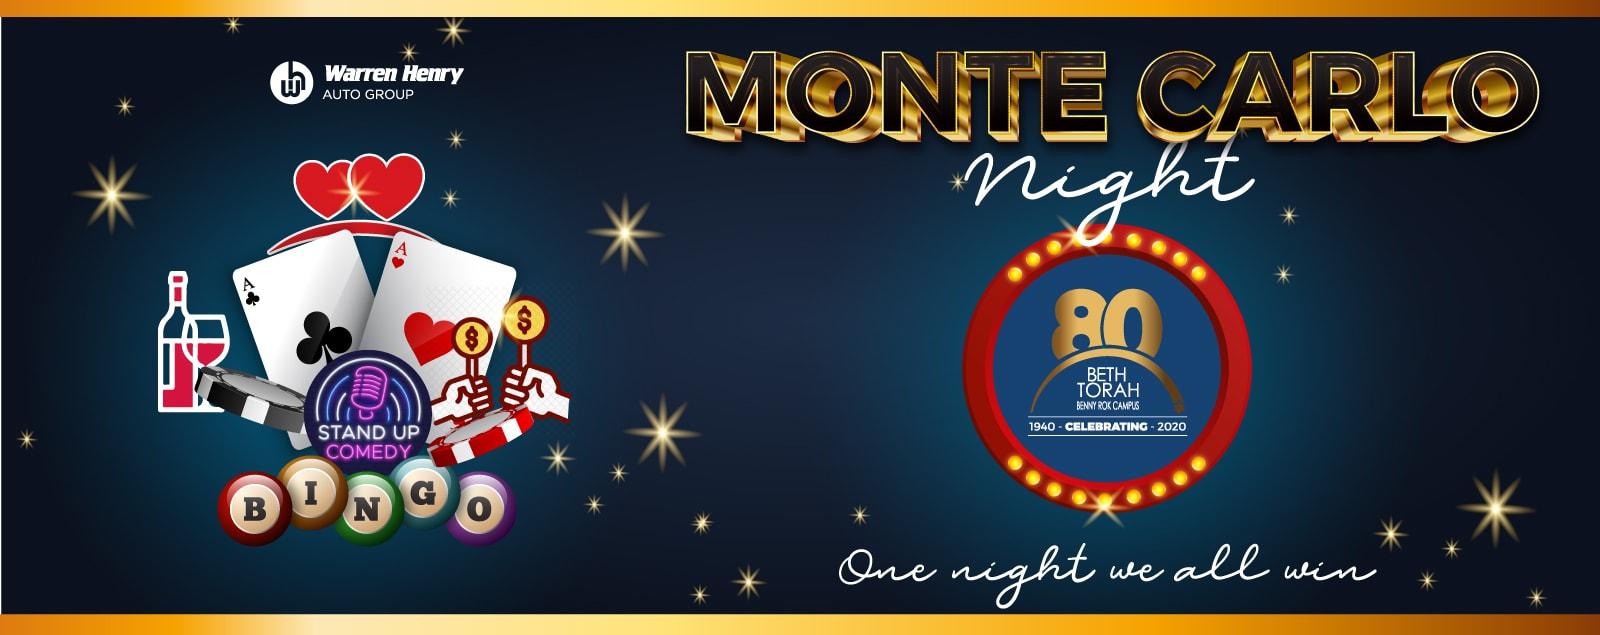 BT---Monte-Carlo-Night-07-(CC)-Banner